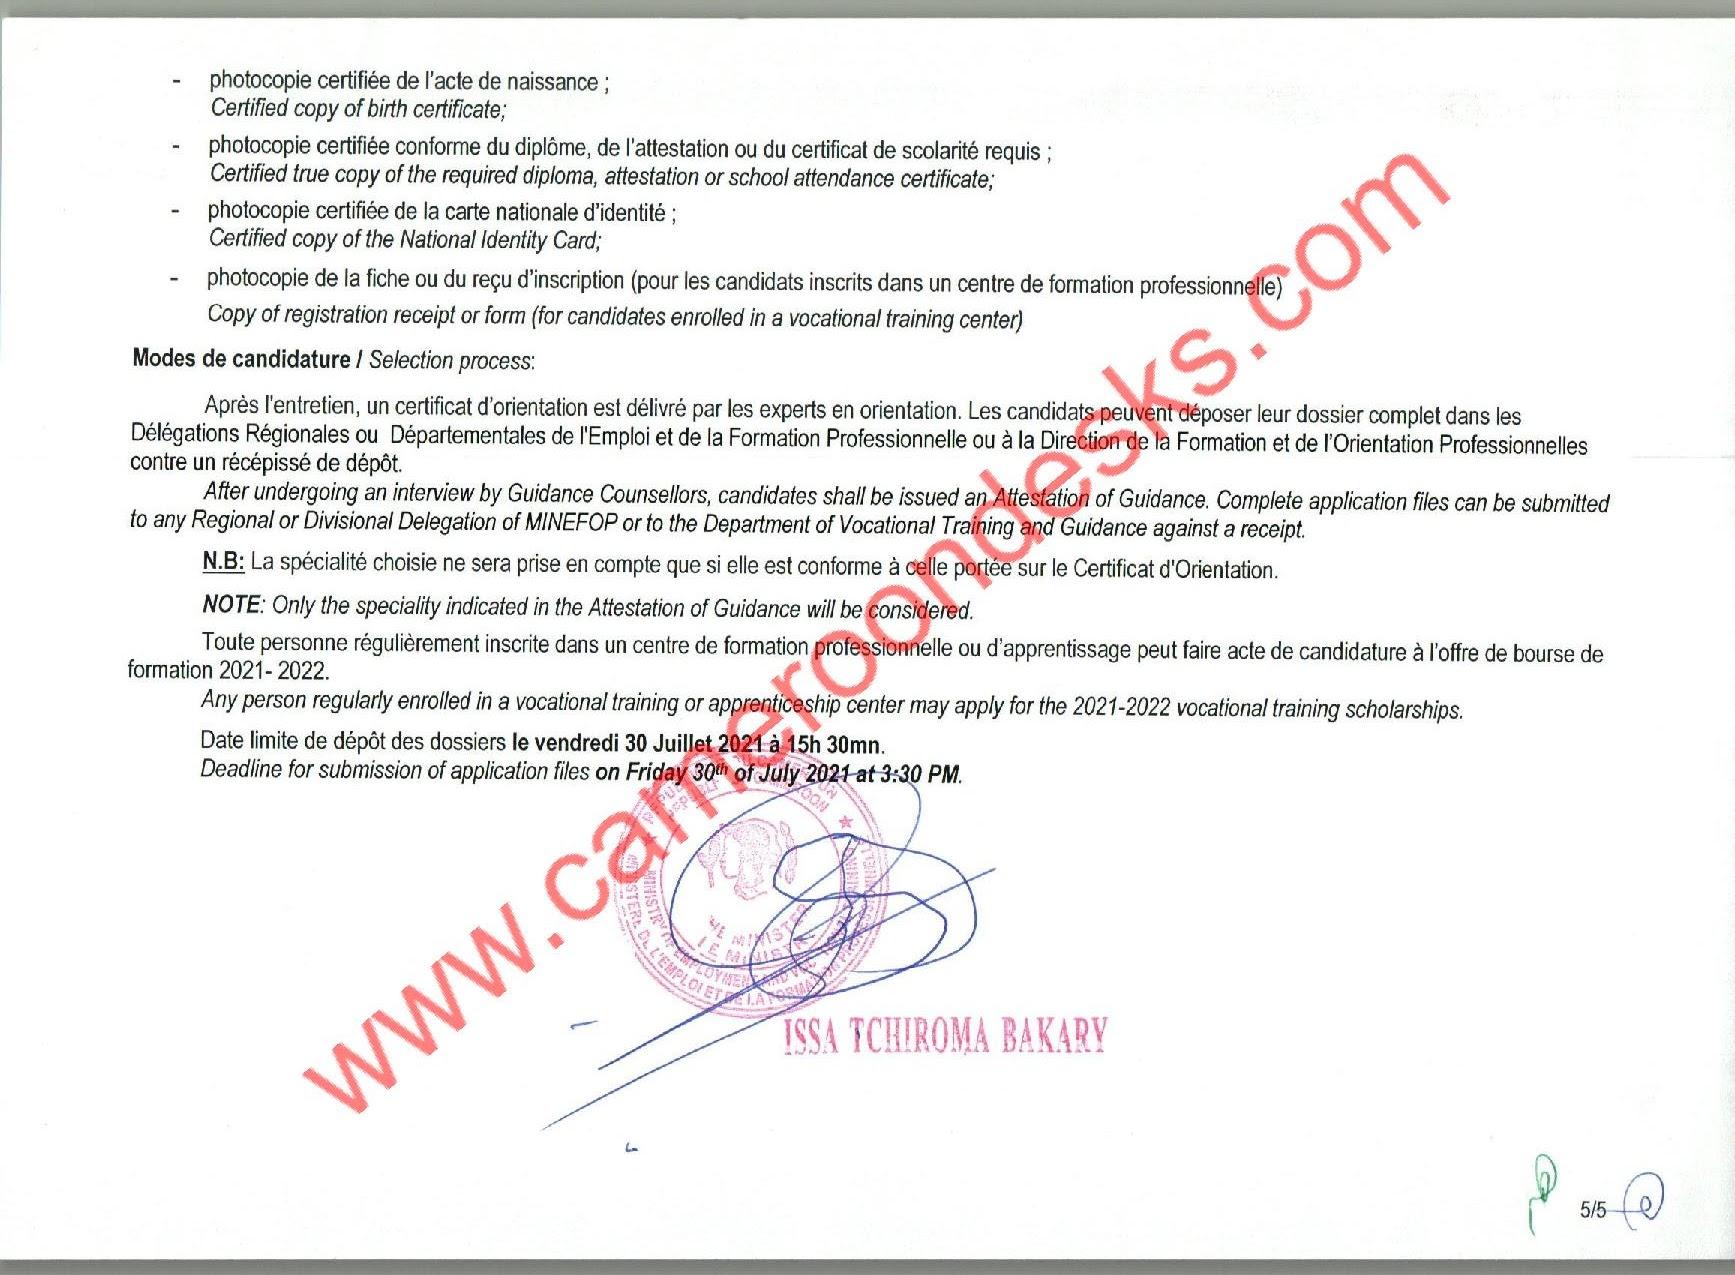 Bourses Nationales de Formation Professionnelle MINEFOP 2021